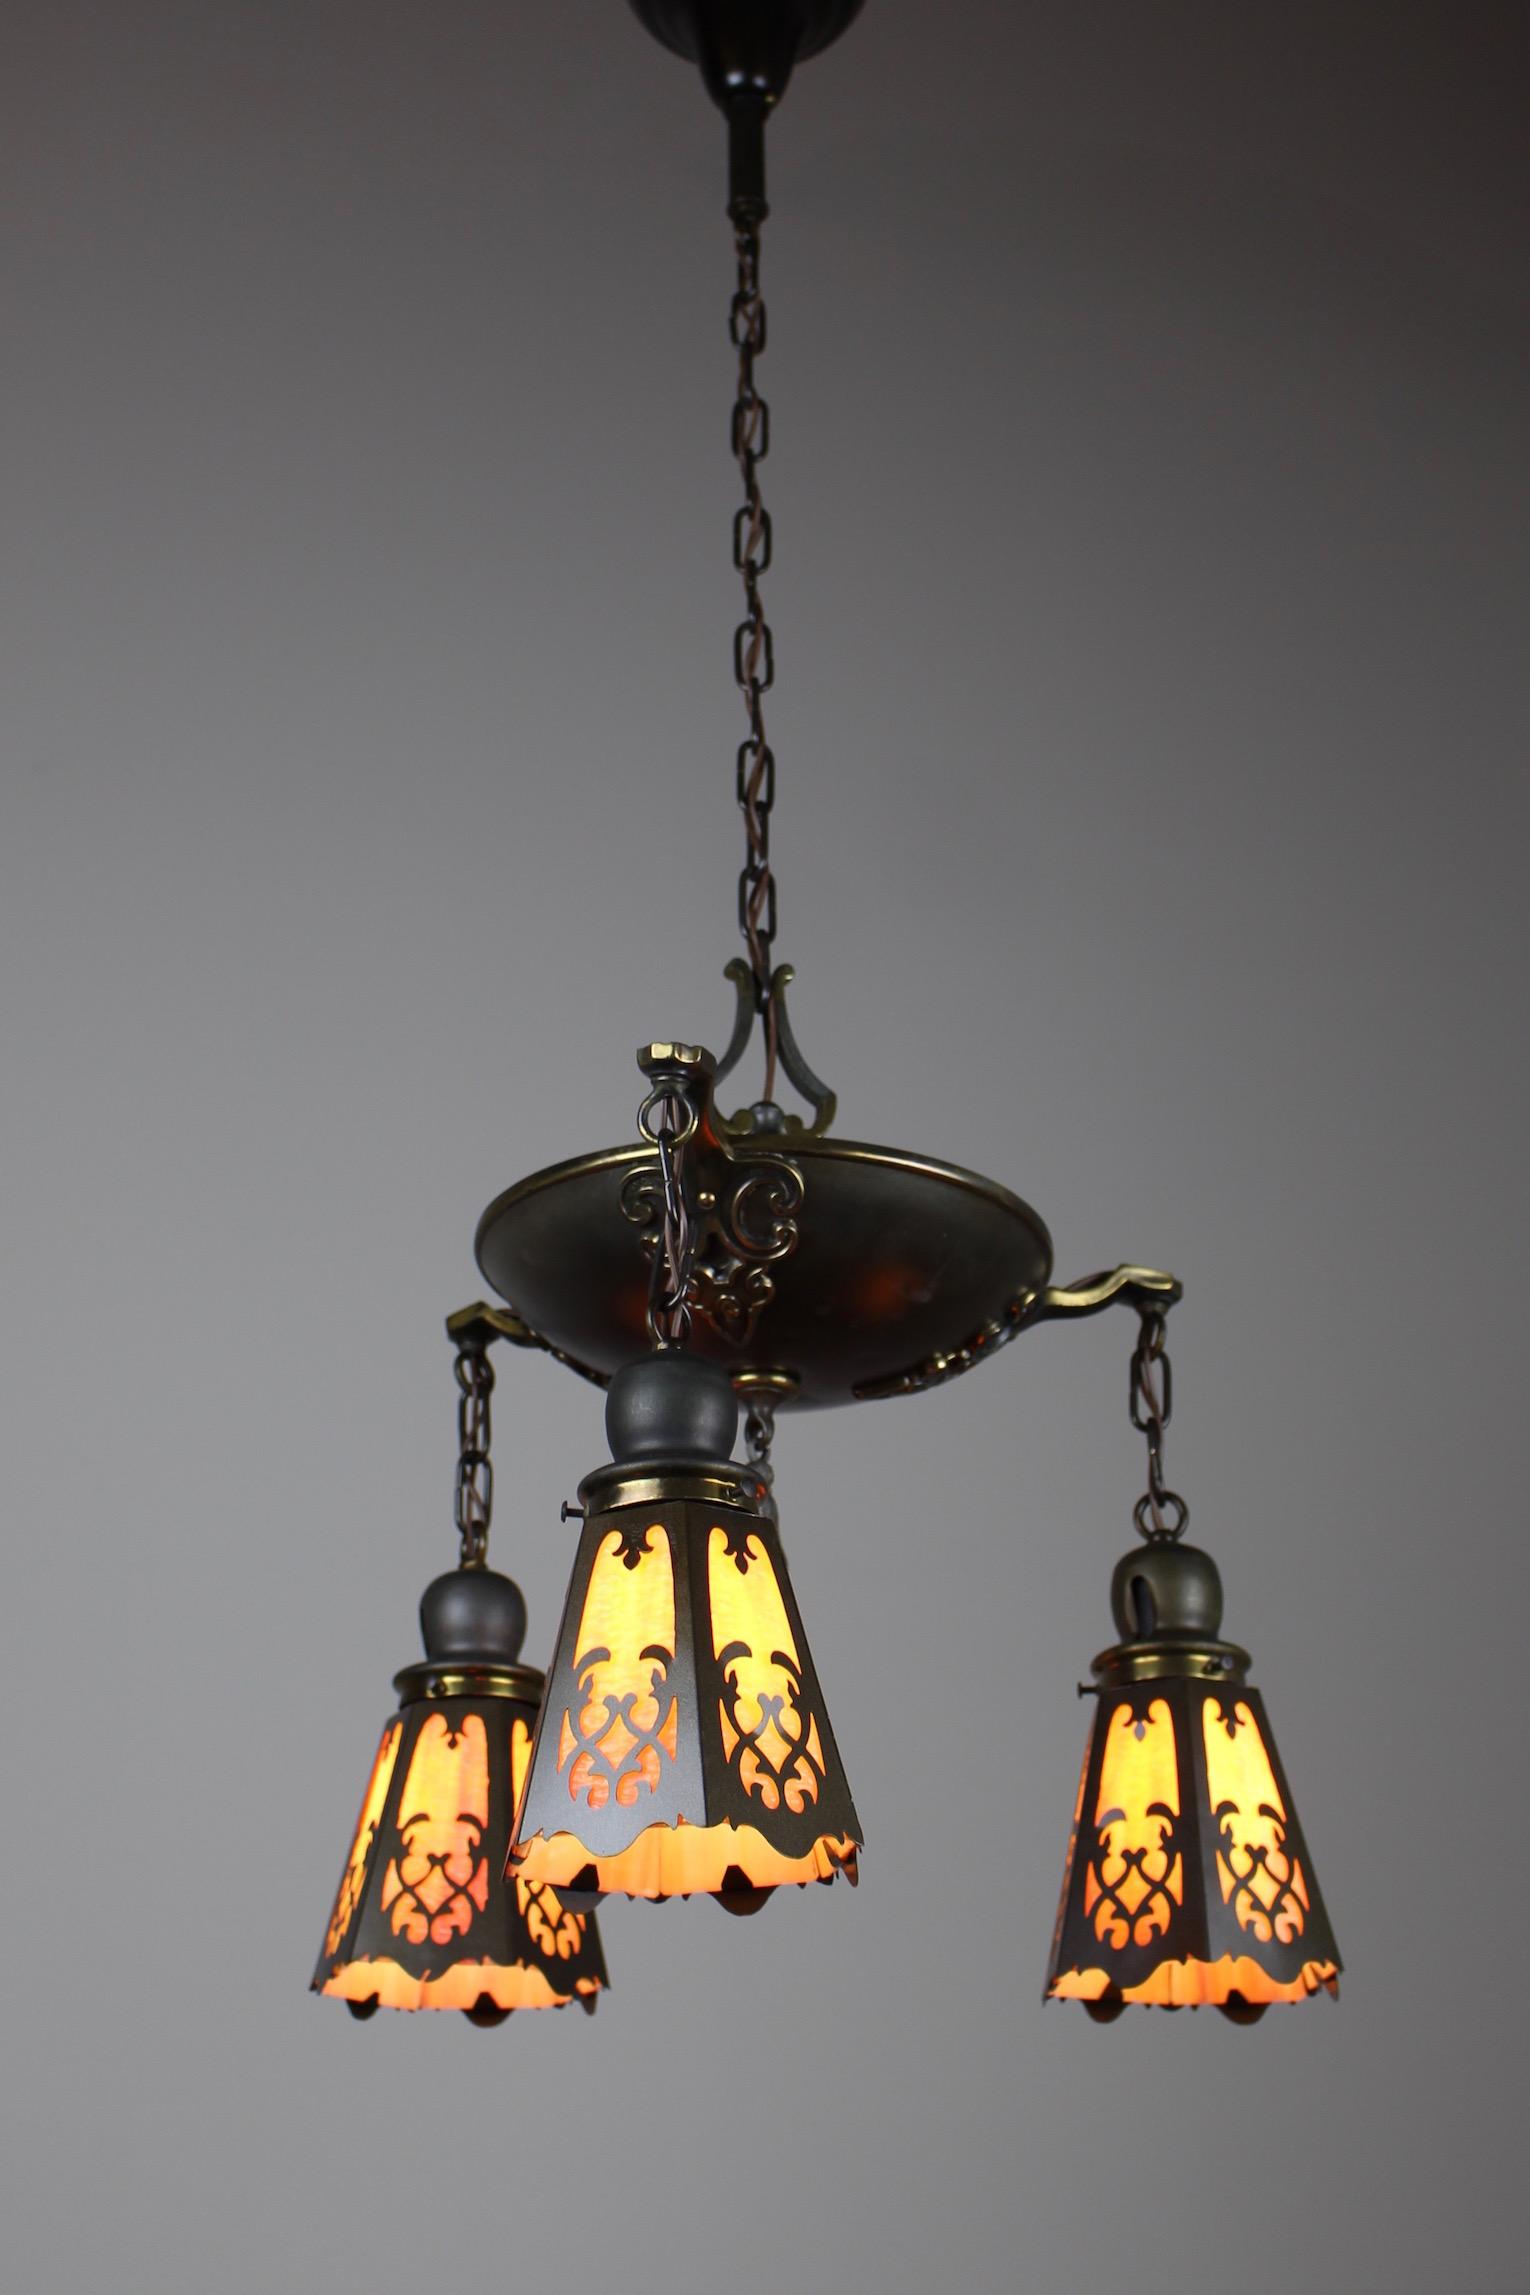 classical revival tudor pan fixture circa 1920 3light